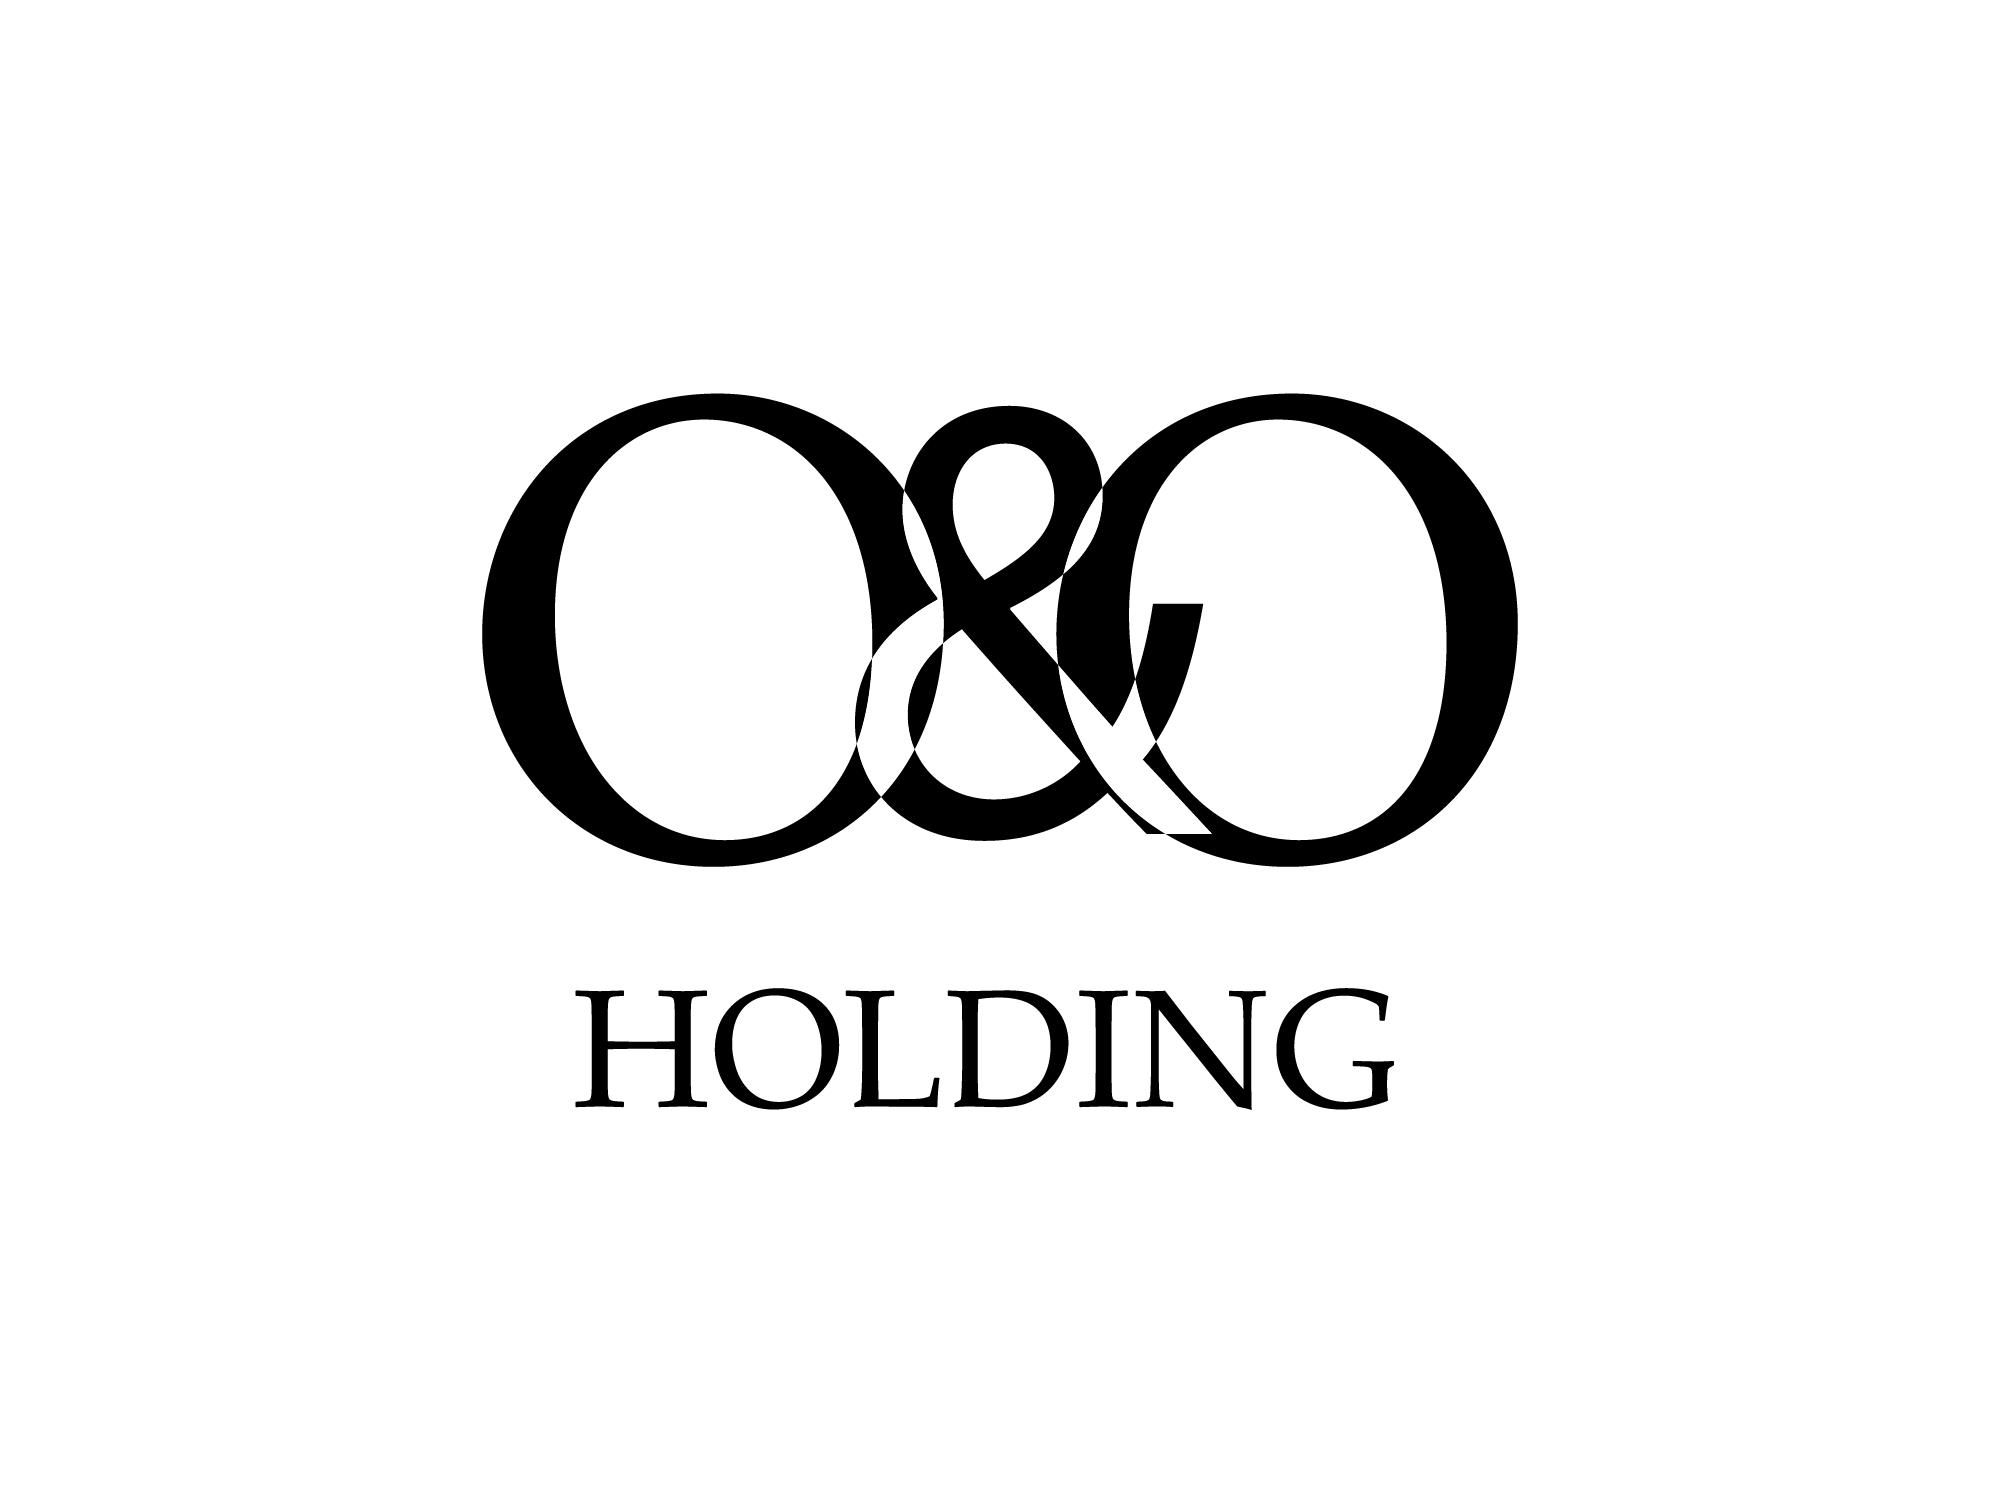 """Разработка Логотипа +  Фирменного знака для компании """"O & O HOLDING"""" фото f_4165c7c1421eee18.png"""